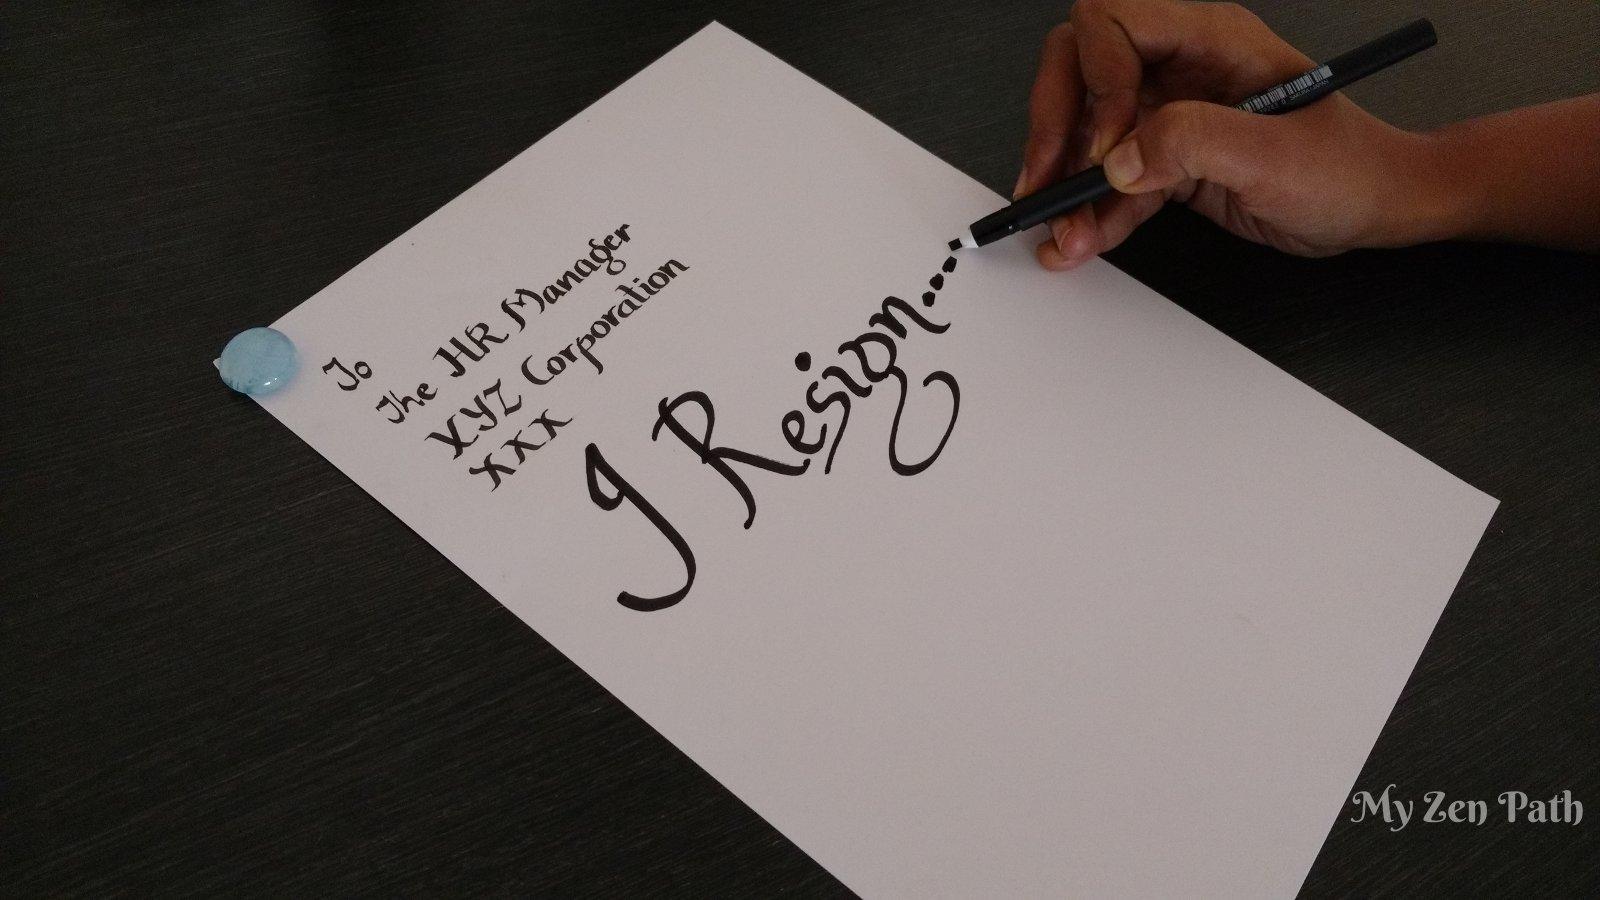 Corporate Resignations